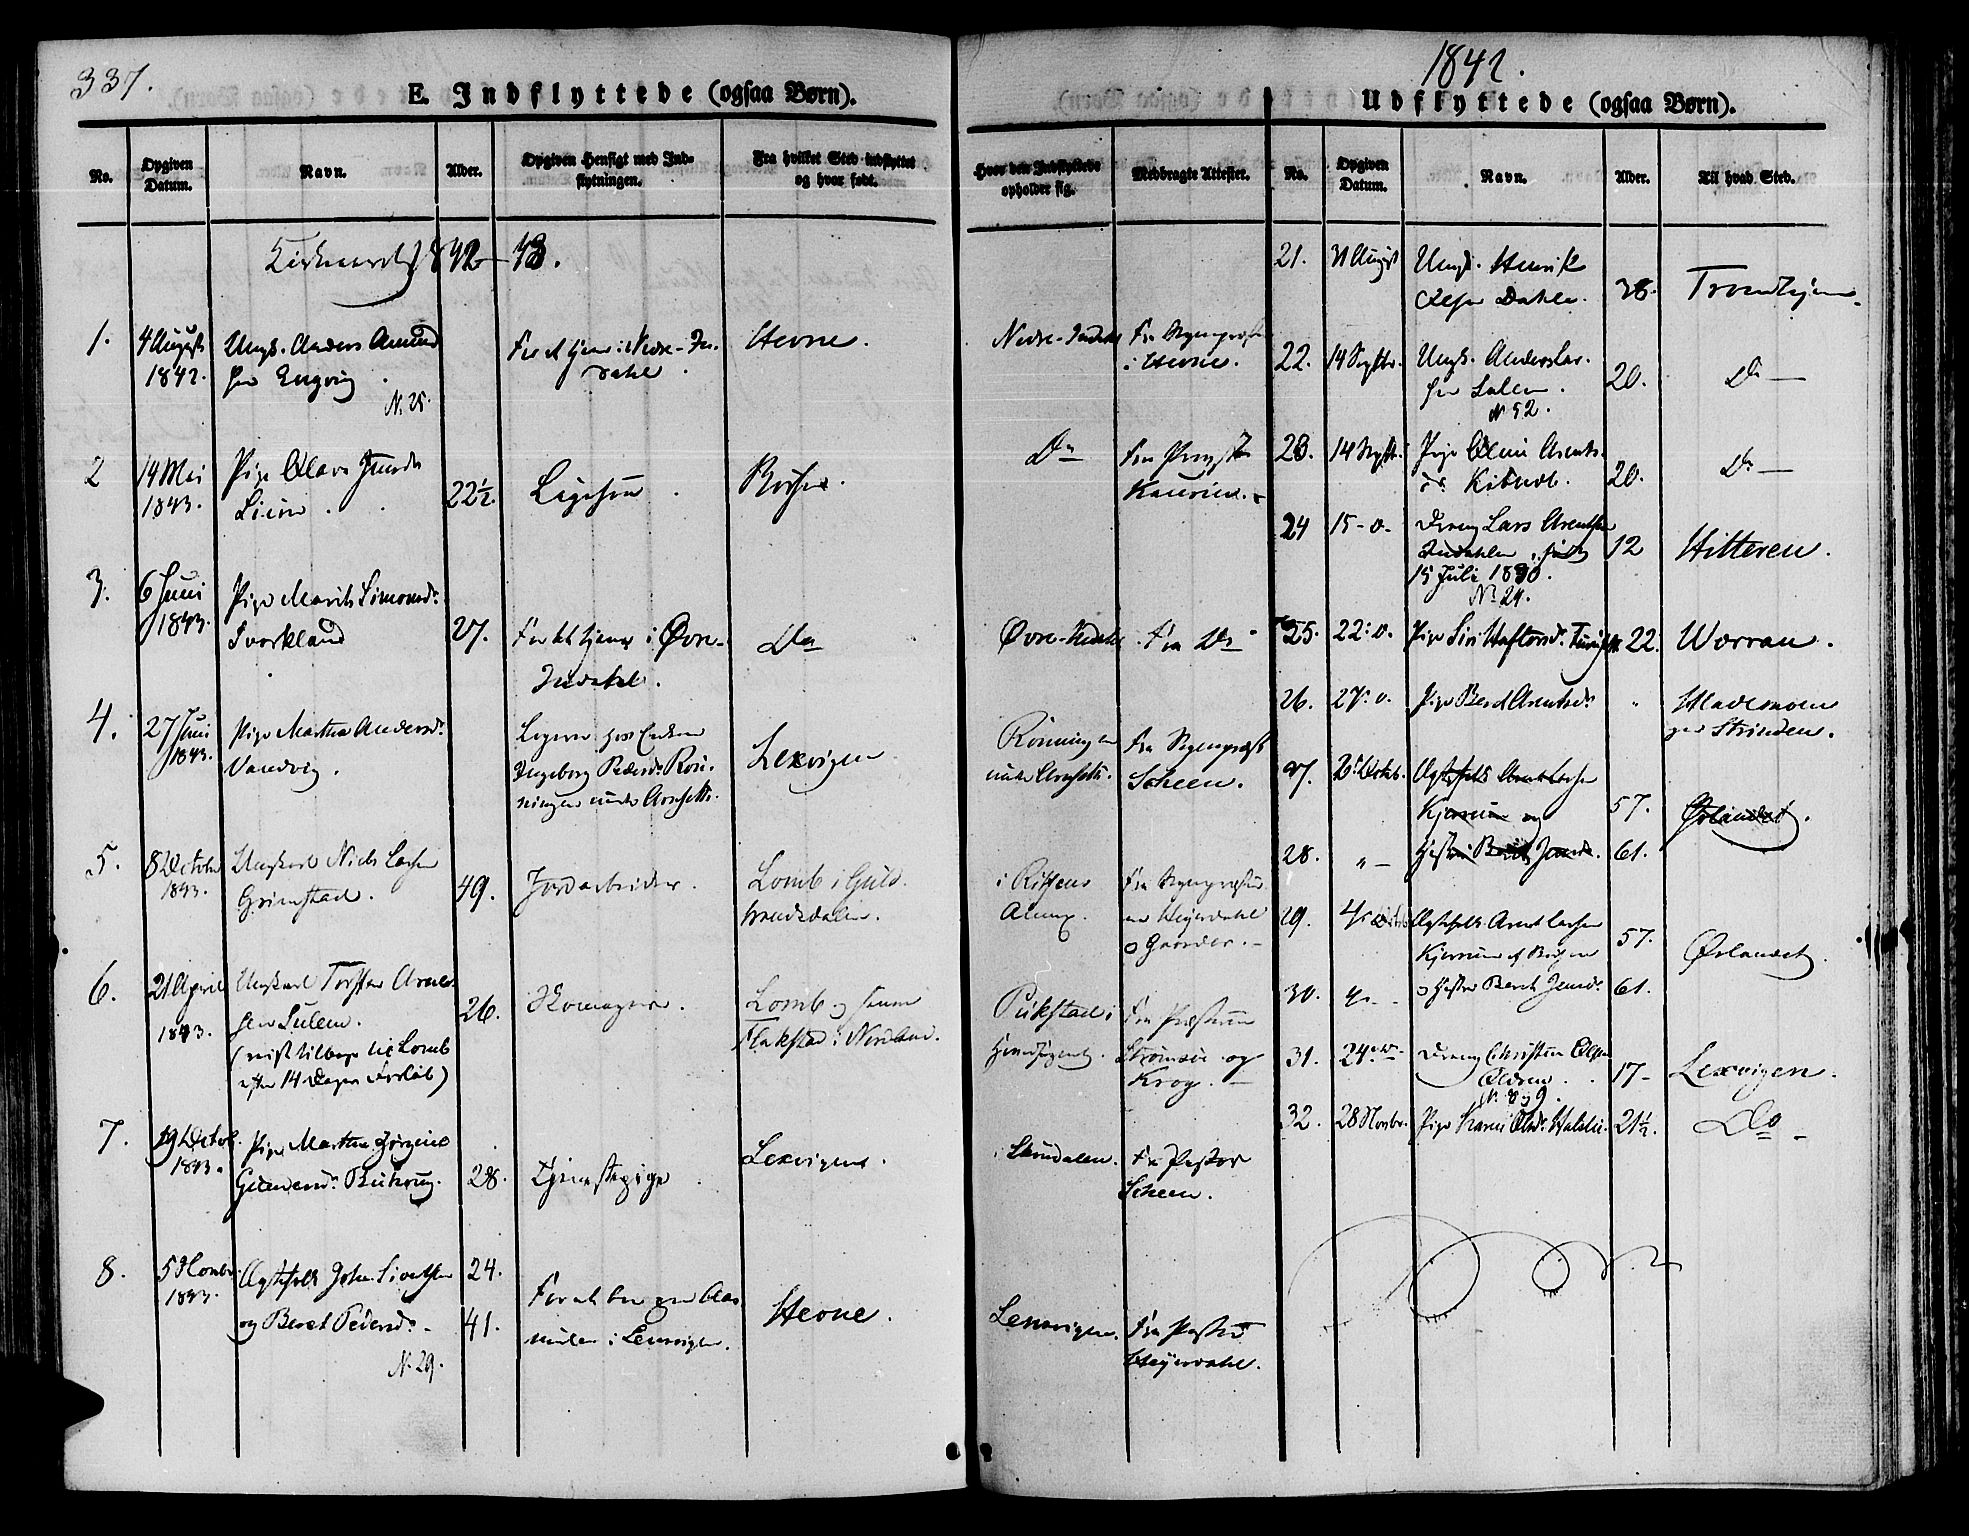 SAT, Ministerialprotokoller, klokkerbøker og fødselsregistre - Sør-Trøndelag, 646/L0610: Ministerialbok nr. 646A08, 1837-1847, s. 337